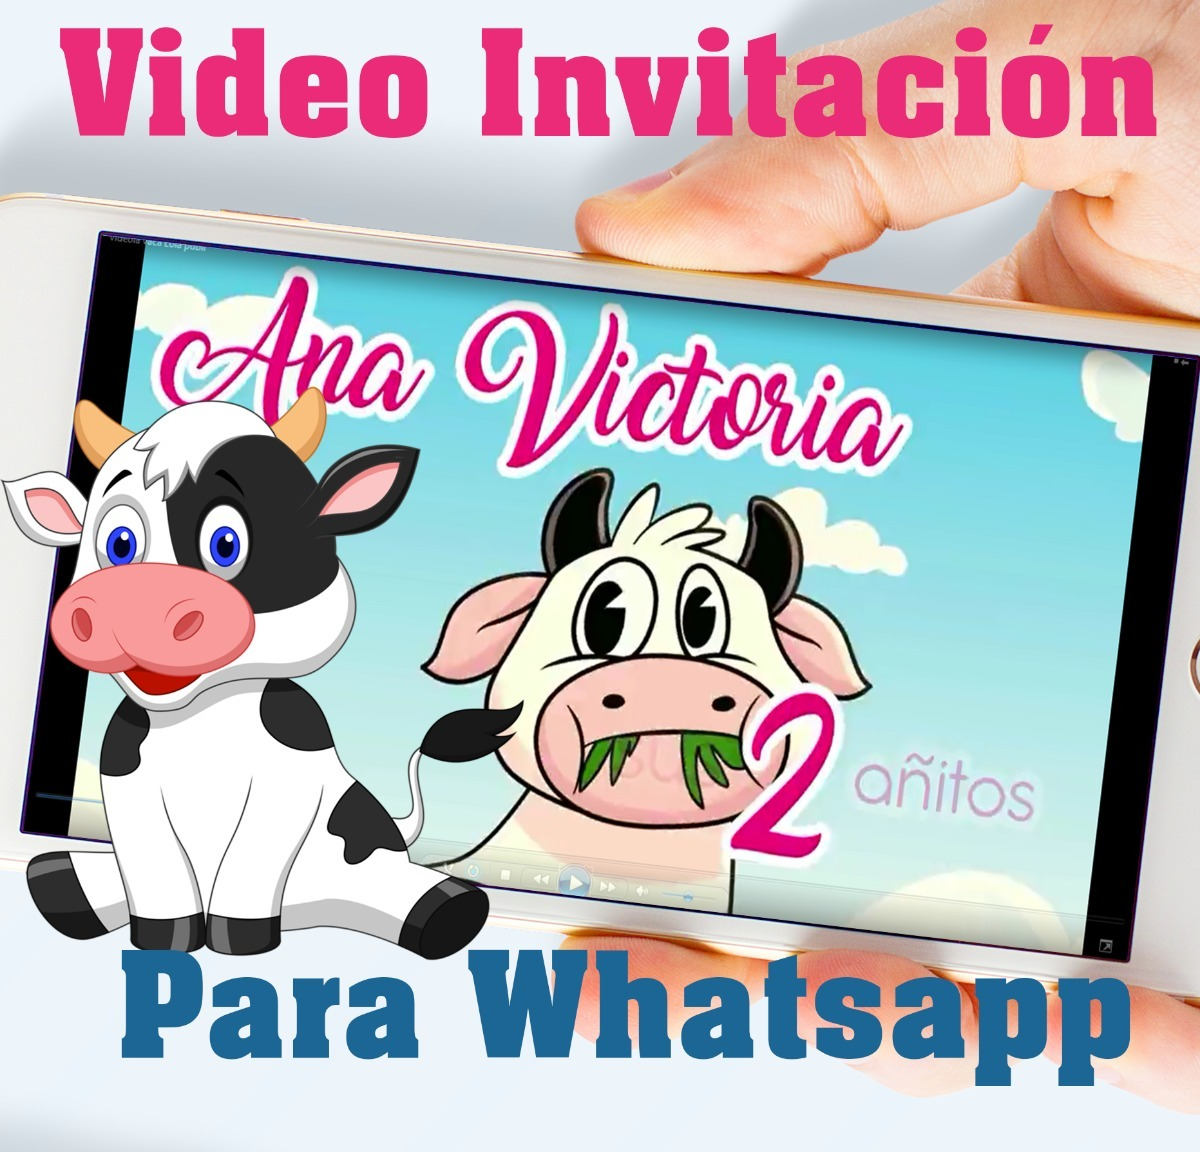 Tarjeta Invitación Digital Vídeo Animado La Vaca Lola